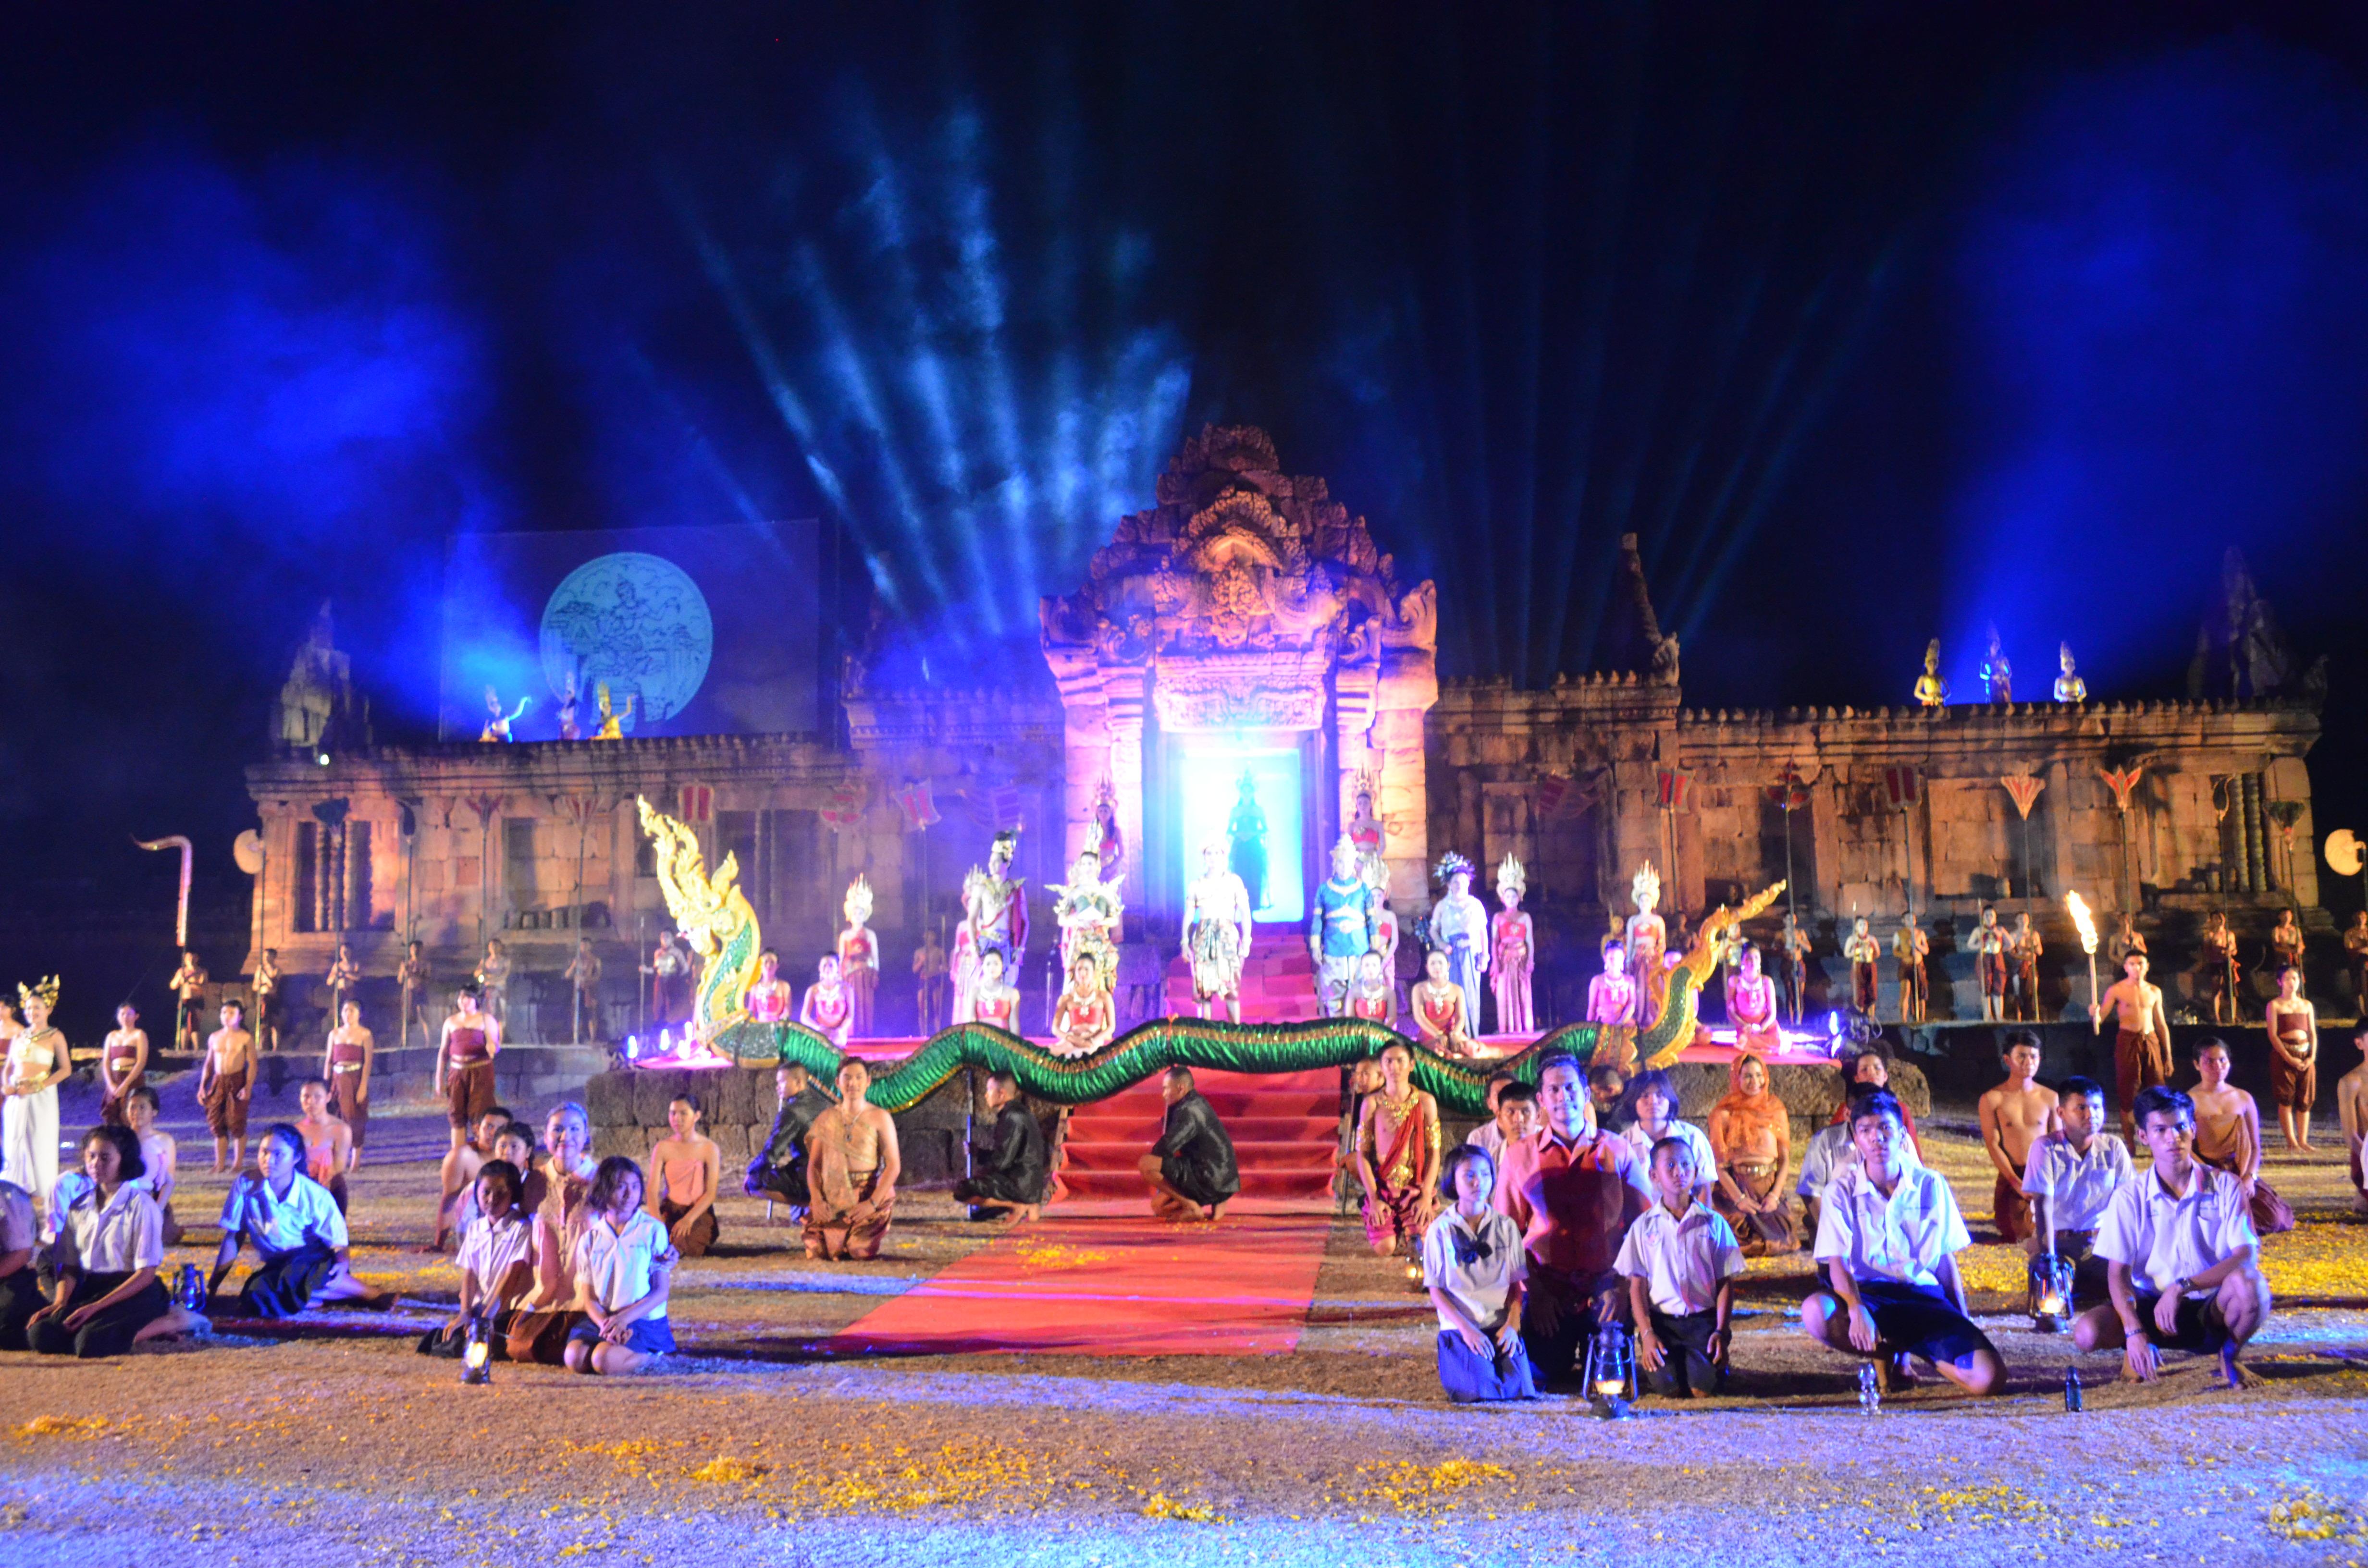 งาน  ปราสาทเมืองต่ำ ตามรอยอารยธรรมขอม  ระหว่างวันที่ ๑๐ - ๑๑ มีนาคม ๒๕๖๐ ณ ปราสาทเมืองต่ำ